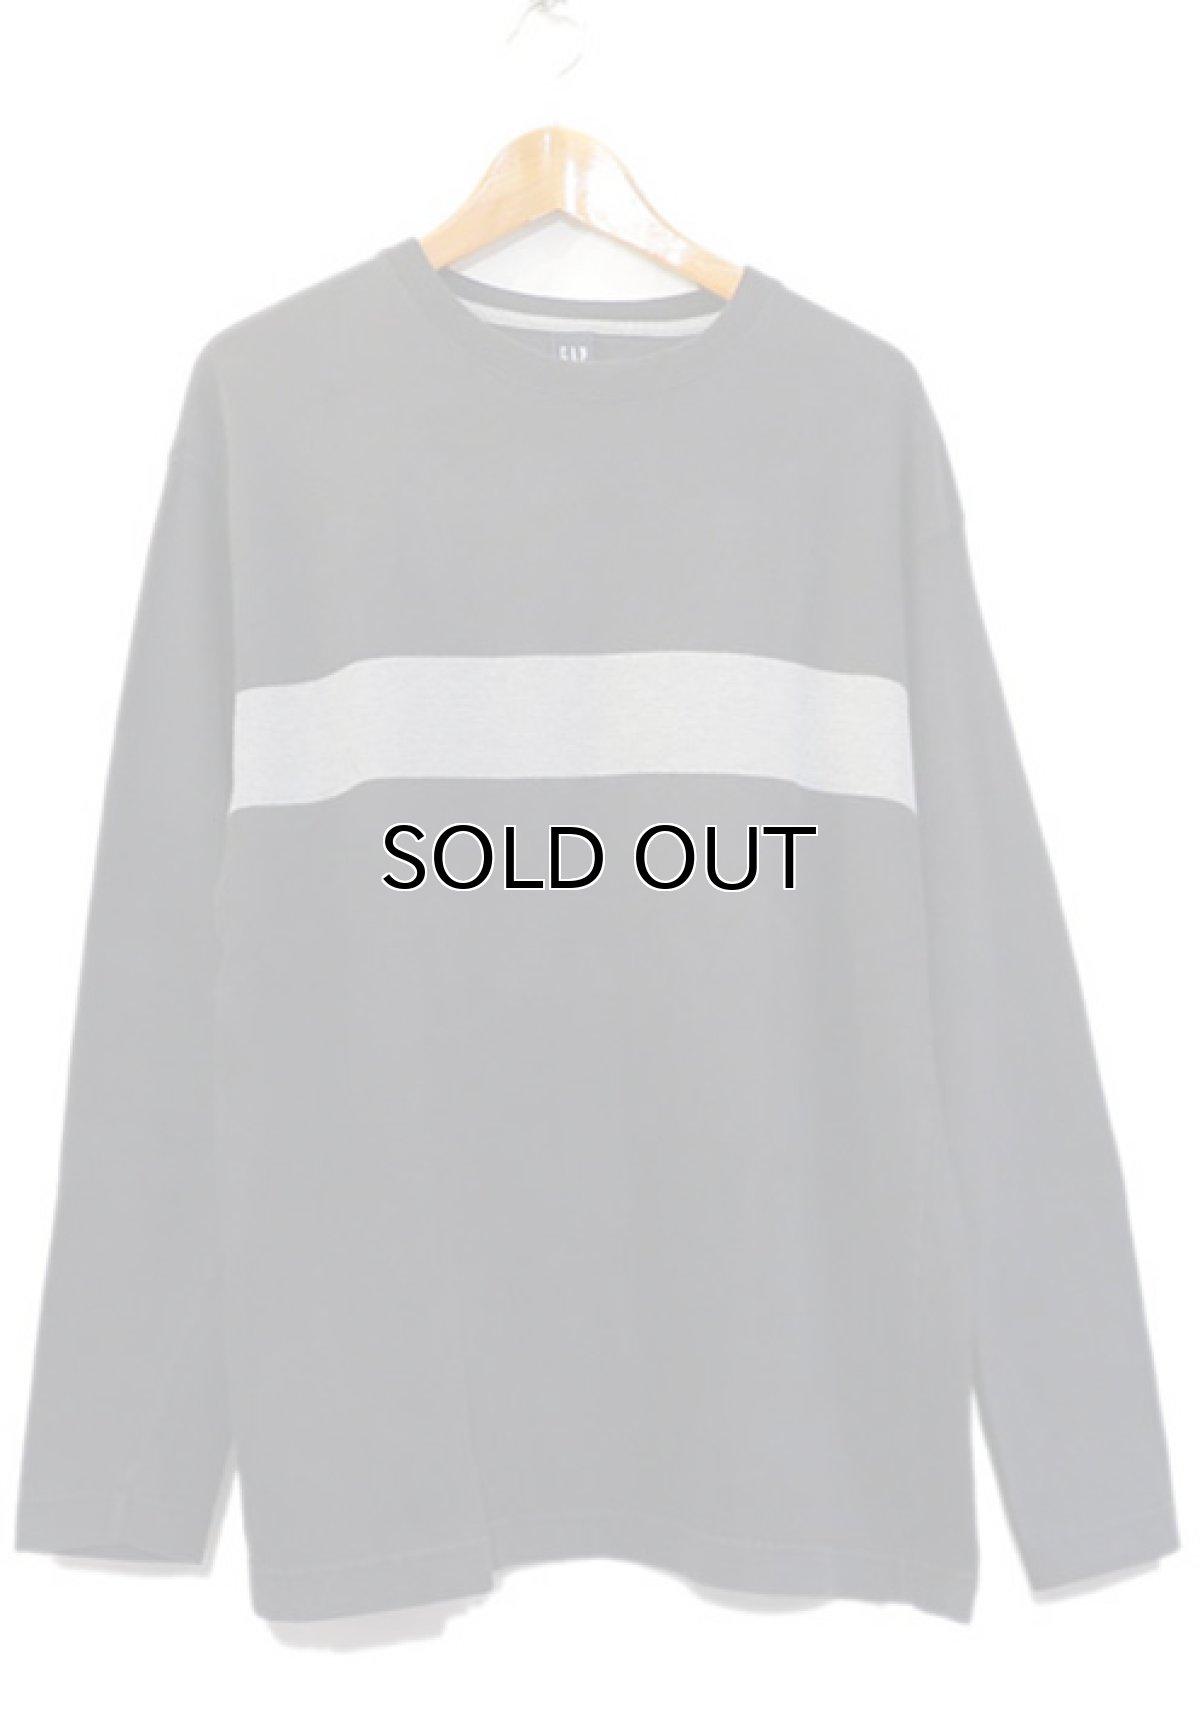 画像1: 1990's GAP Heavy Cotton 2-Tone L/S T-Shirt BLACK/GREY size M-L(表記M) (1)